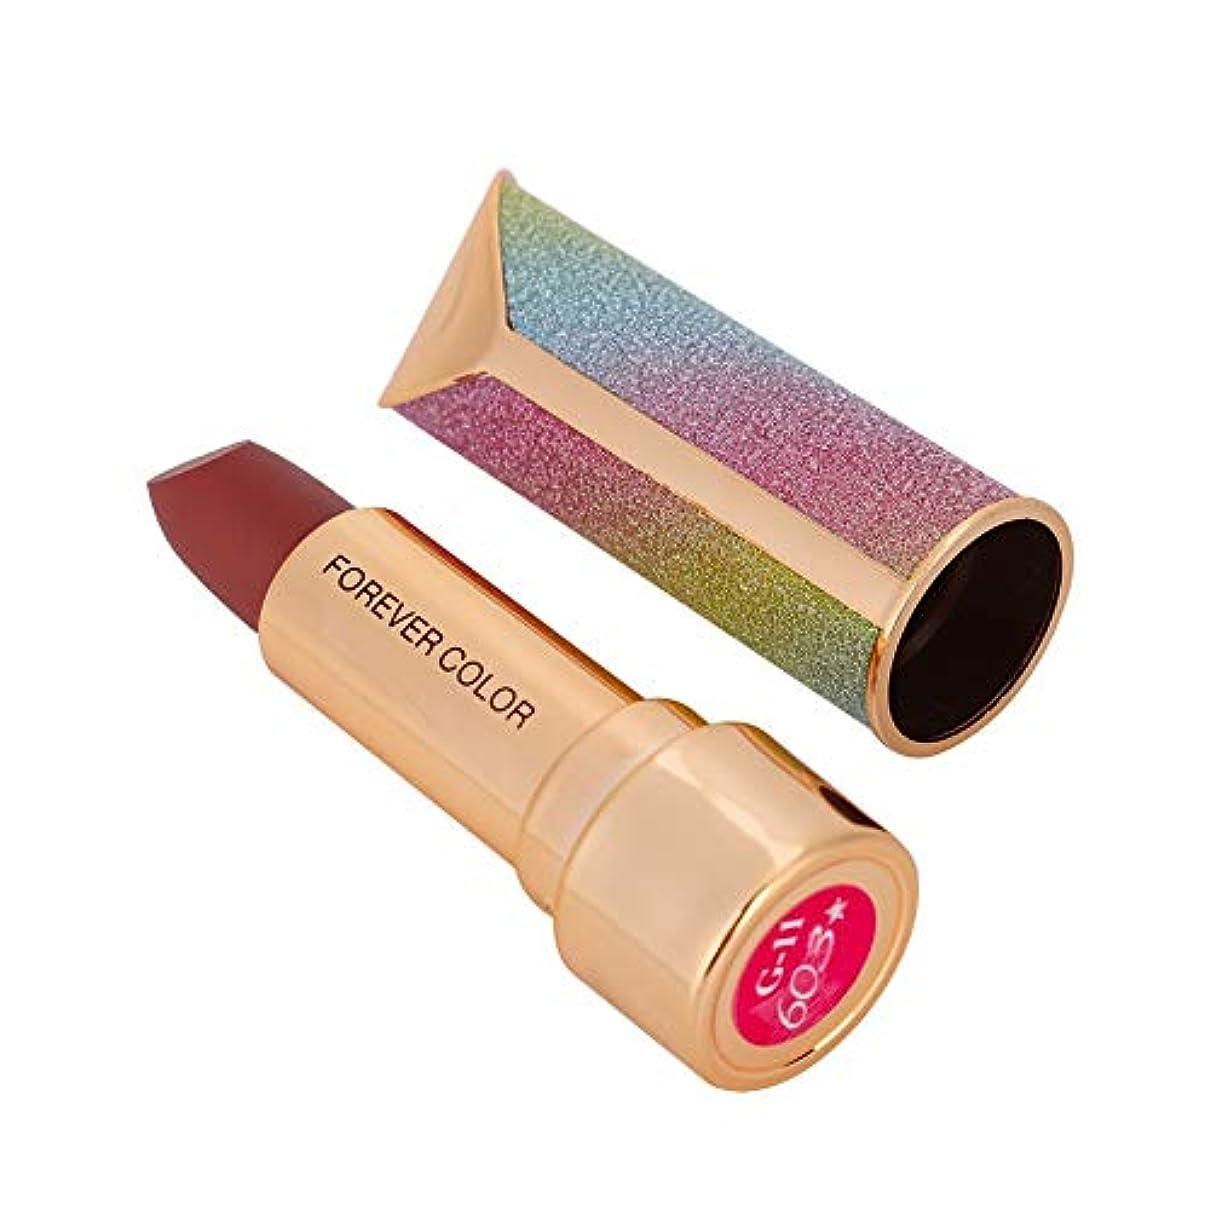 アテンダントシャット無線4色合いの口紅、モイスチャライジングマットリップスティック、長持ち水防水リップクリーム、化粧品、化粧道具(603#)